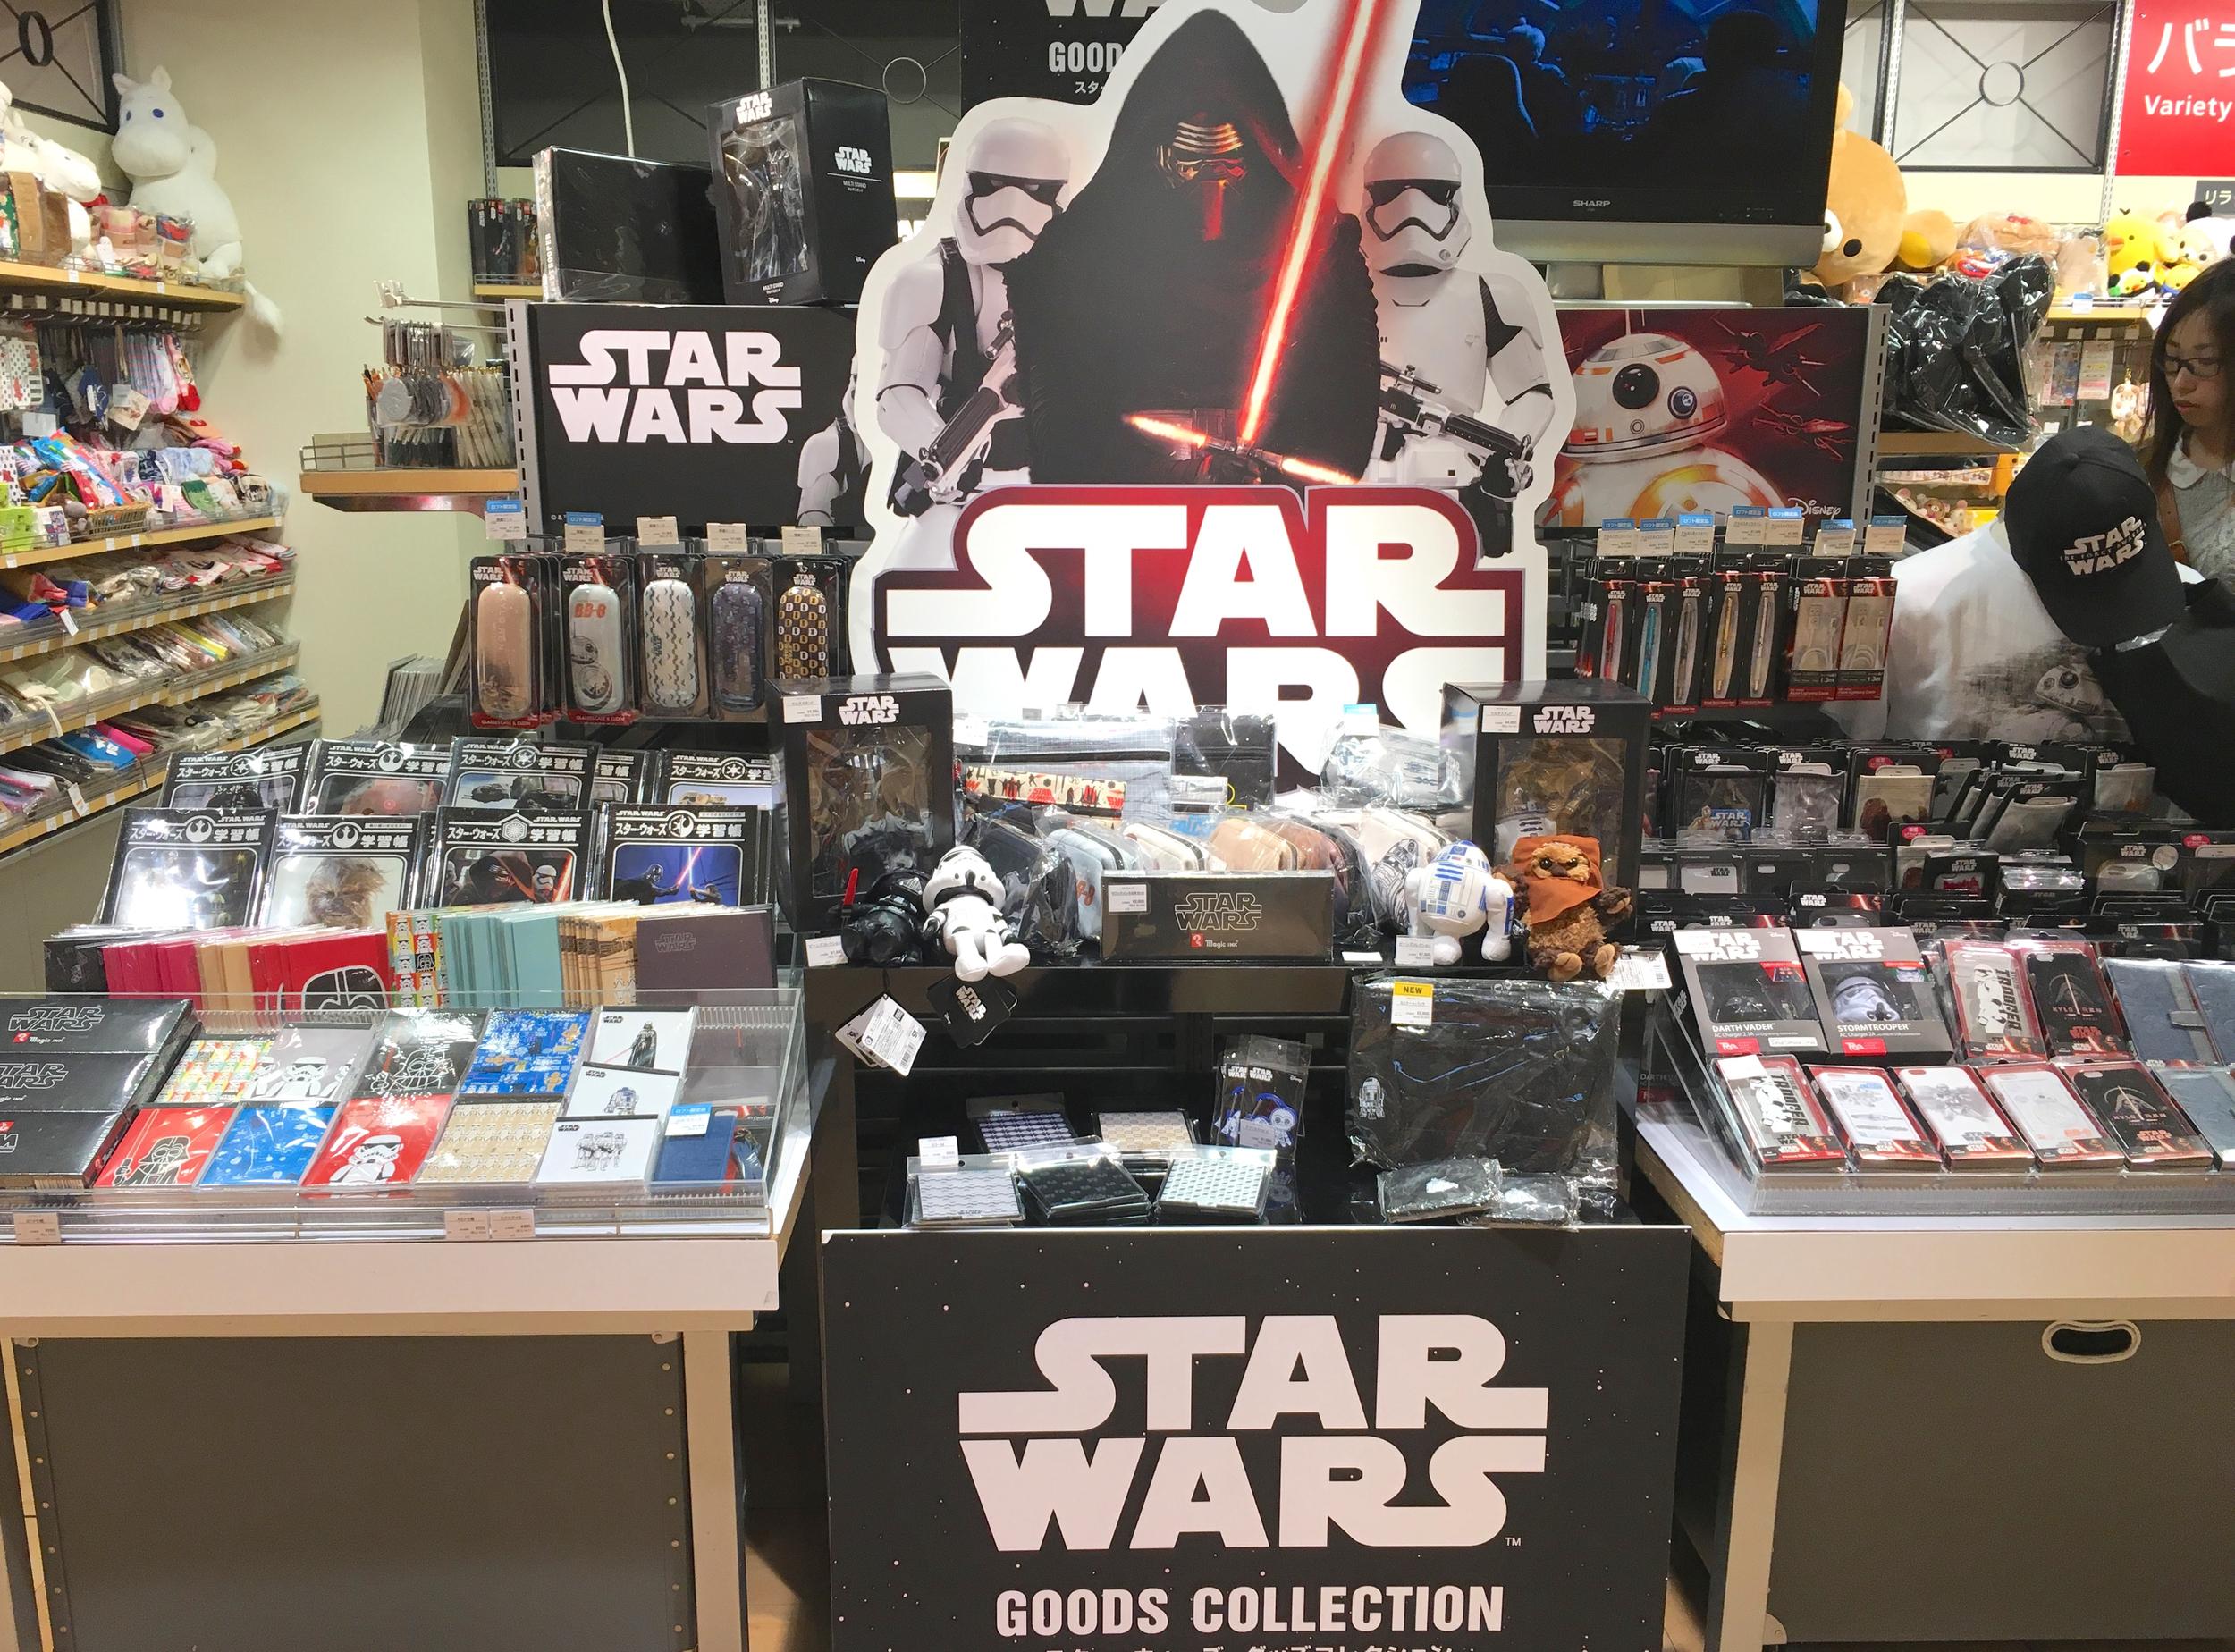 Star Wars Goods